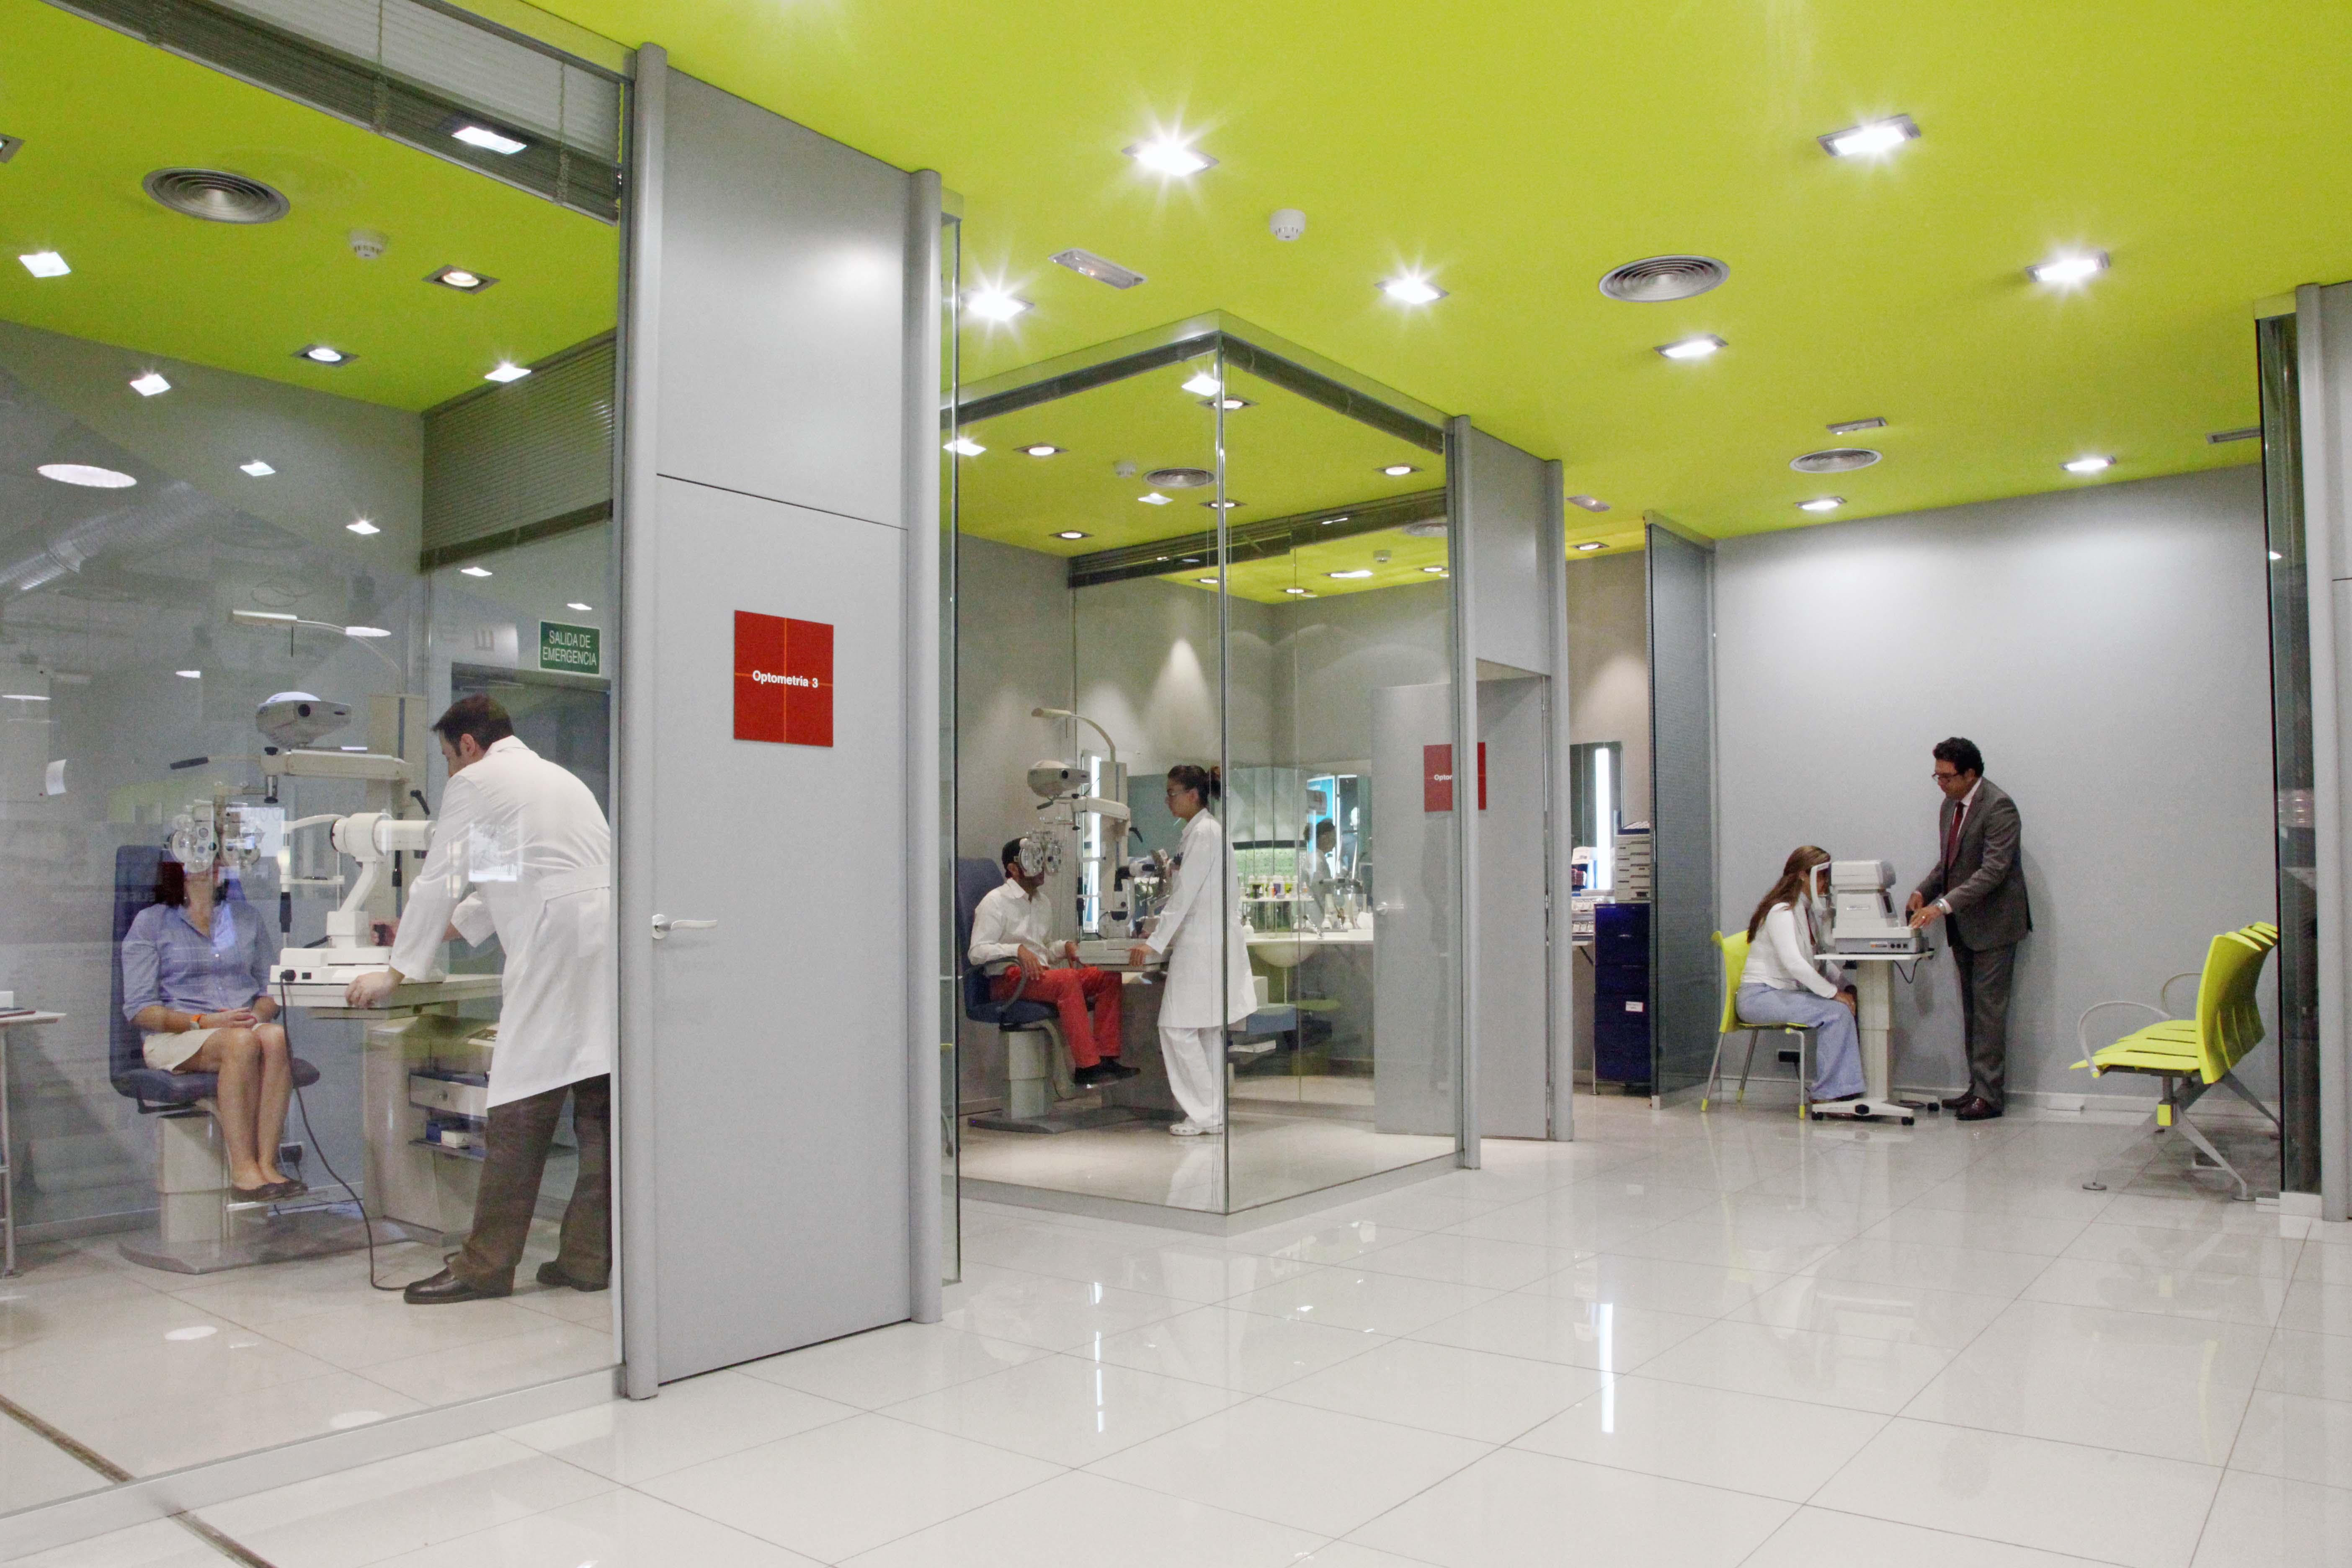 Visionlab confía a la solución de Gestión del Tiempo de Robotics la gestión de los 700 empleados de sus 150 establecimientos